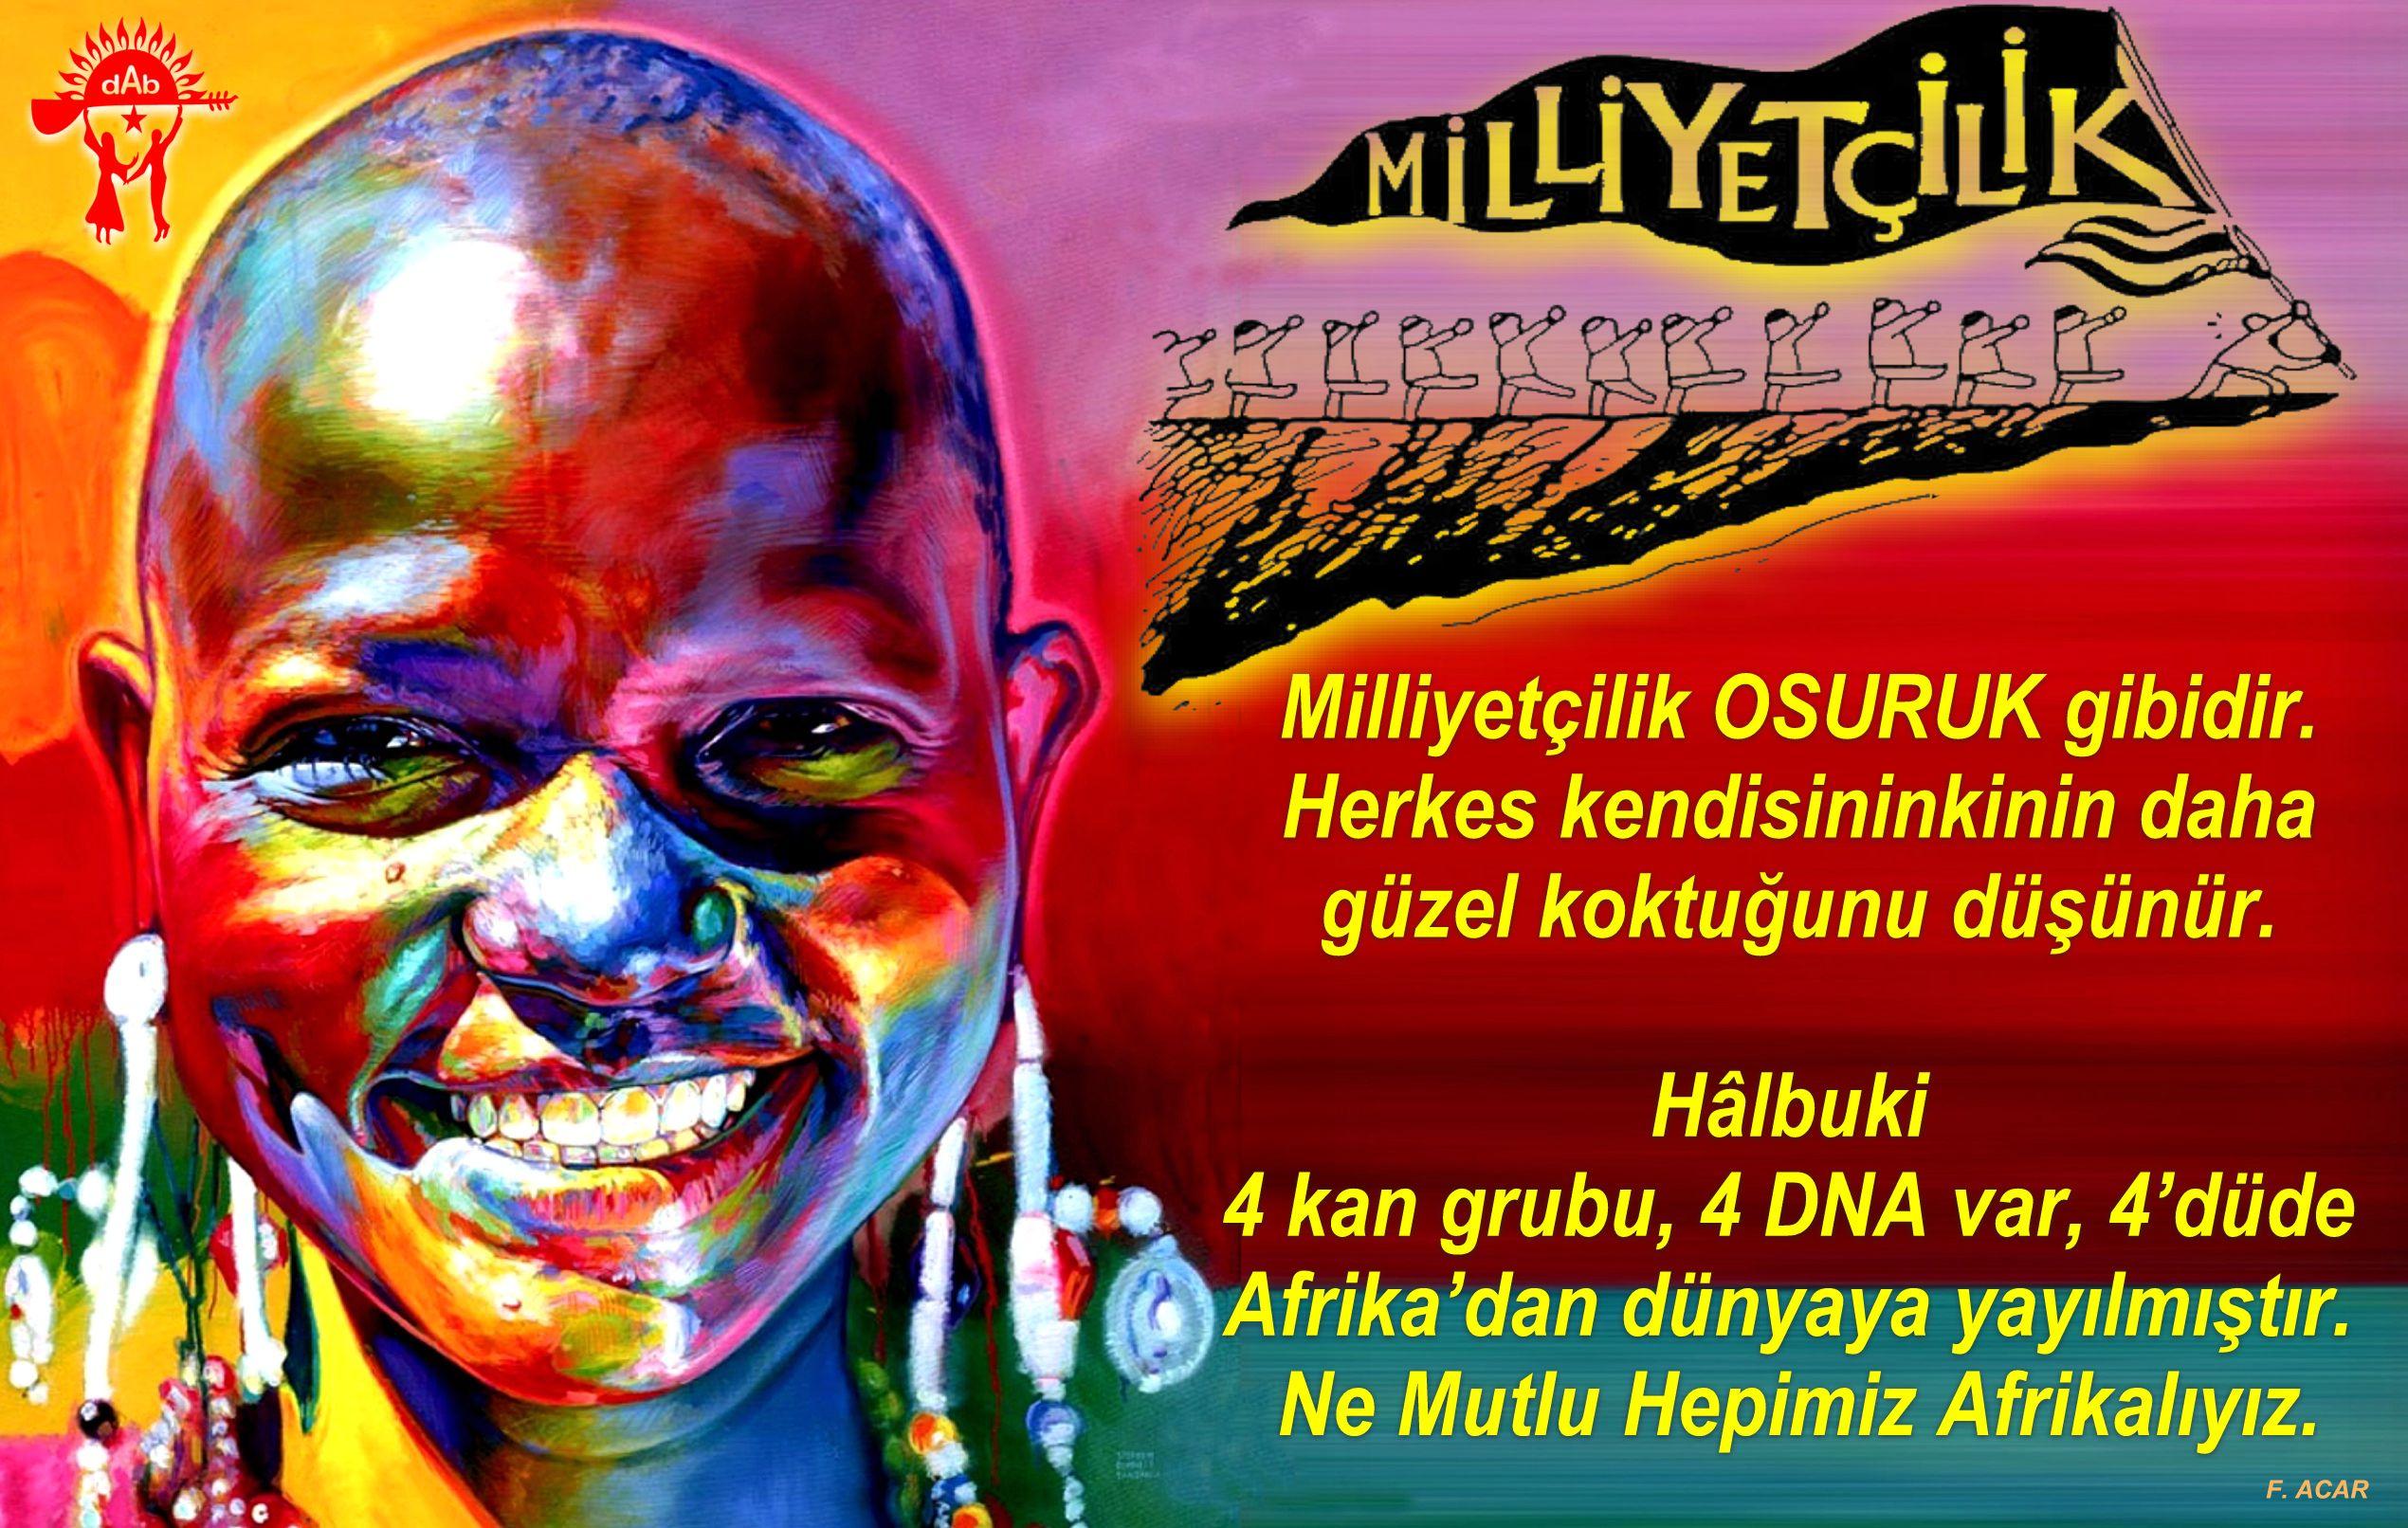 Devrimci Aleviler Birliği DAB Alevi Kızılbaş Bektaşi pir sultan cem hz Ali 12 imam semah Feramuz Şah Acar ne mutlu afrikaliyiz